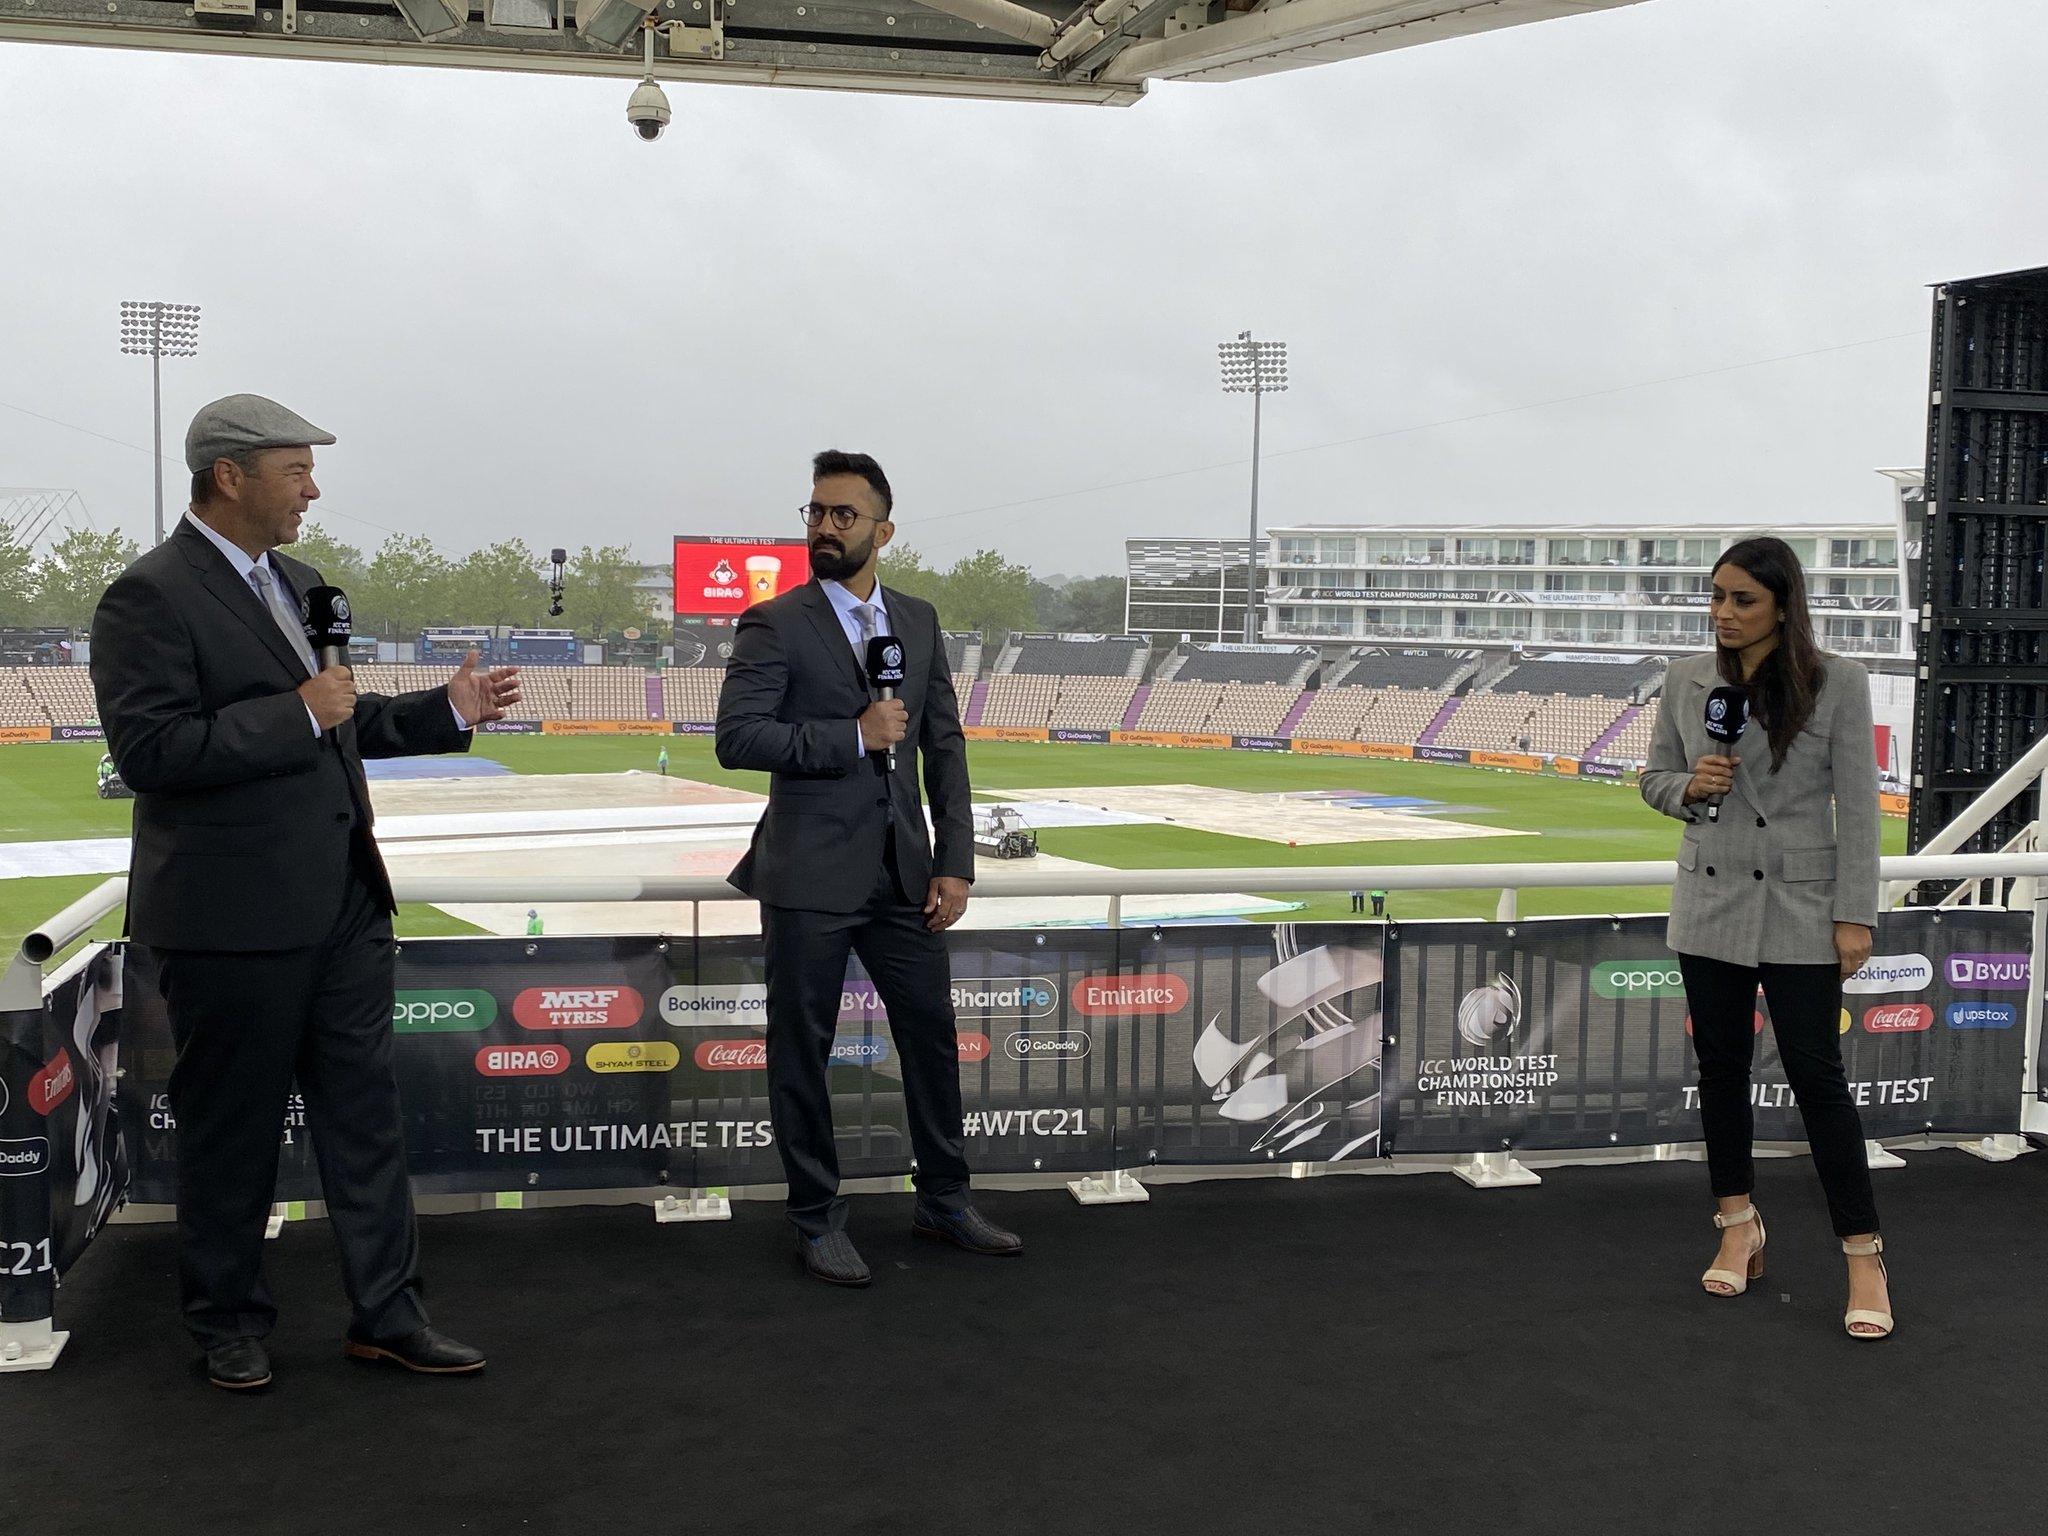 कमेंटेटर पैनल में फाइनल के लिए भारत के विकेटकीपर बल्लेबाज दिनेश कार्तिक को भी शामिल किया गया है। बारिश को लेकर अपडेट देते कार्तिक और ईशा गुहा (दाएं)।